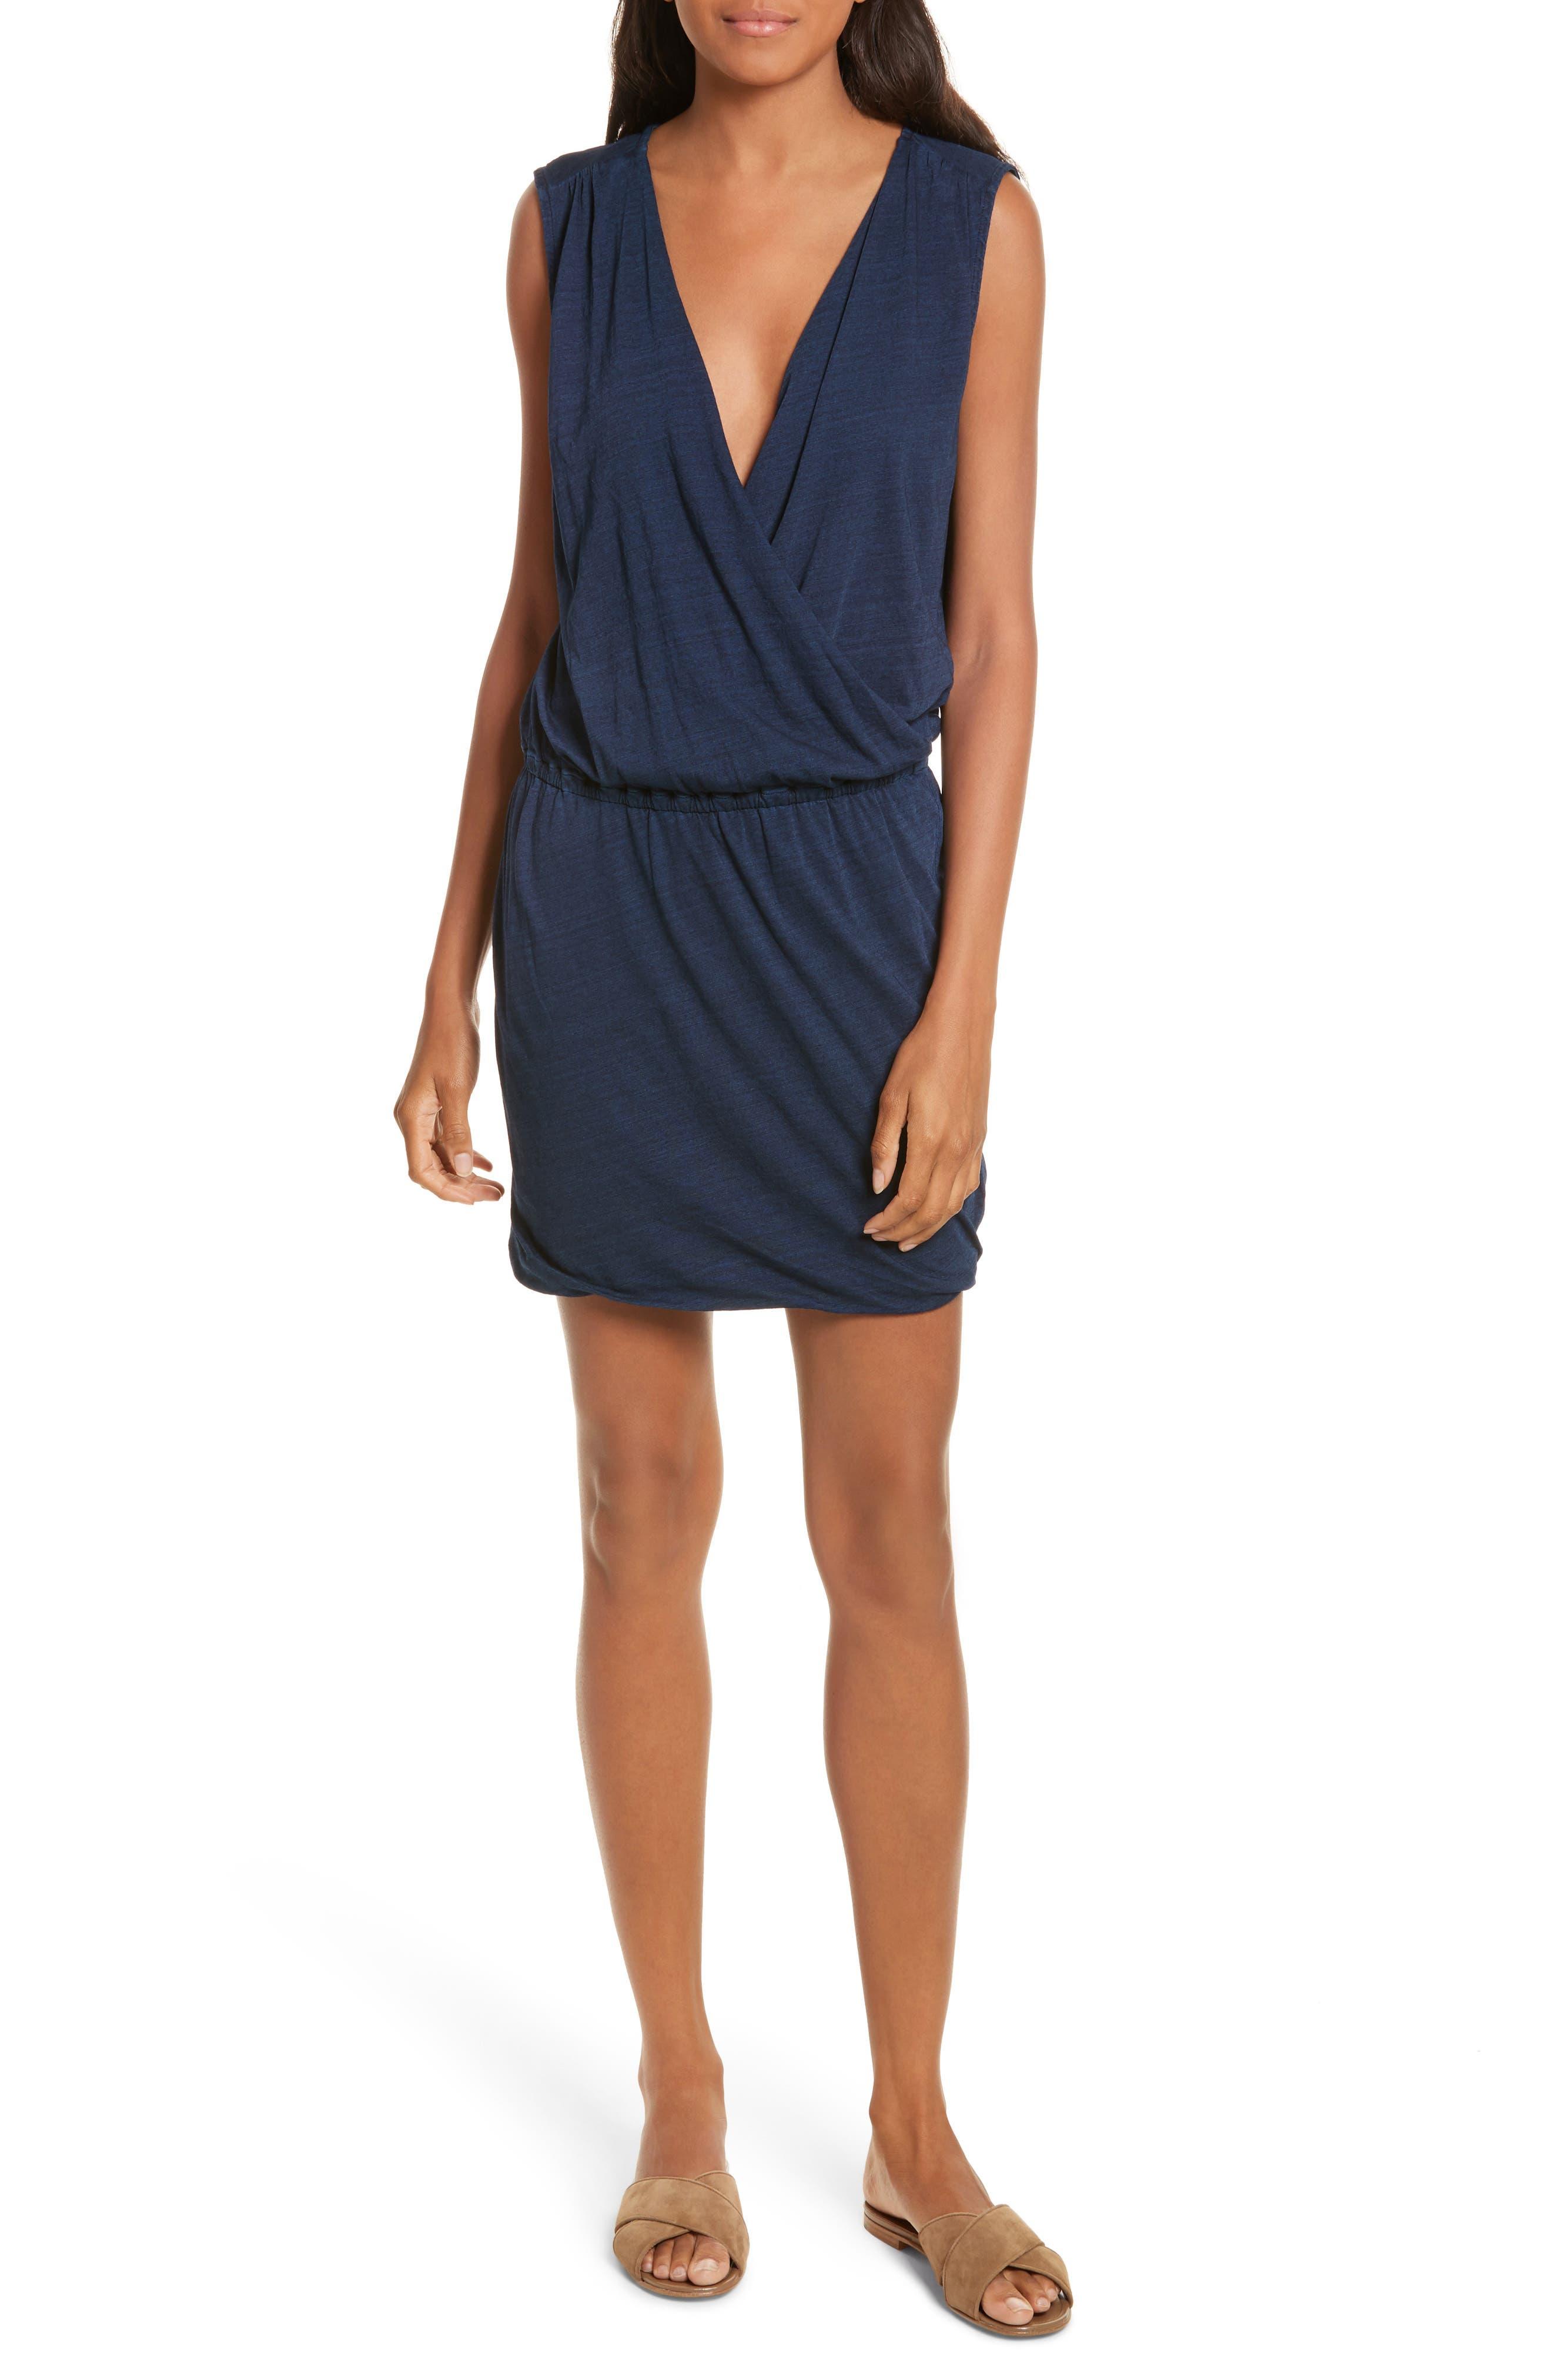 Faylen Blouson Knit Dress,                         Main,                         color, 487